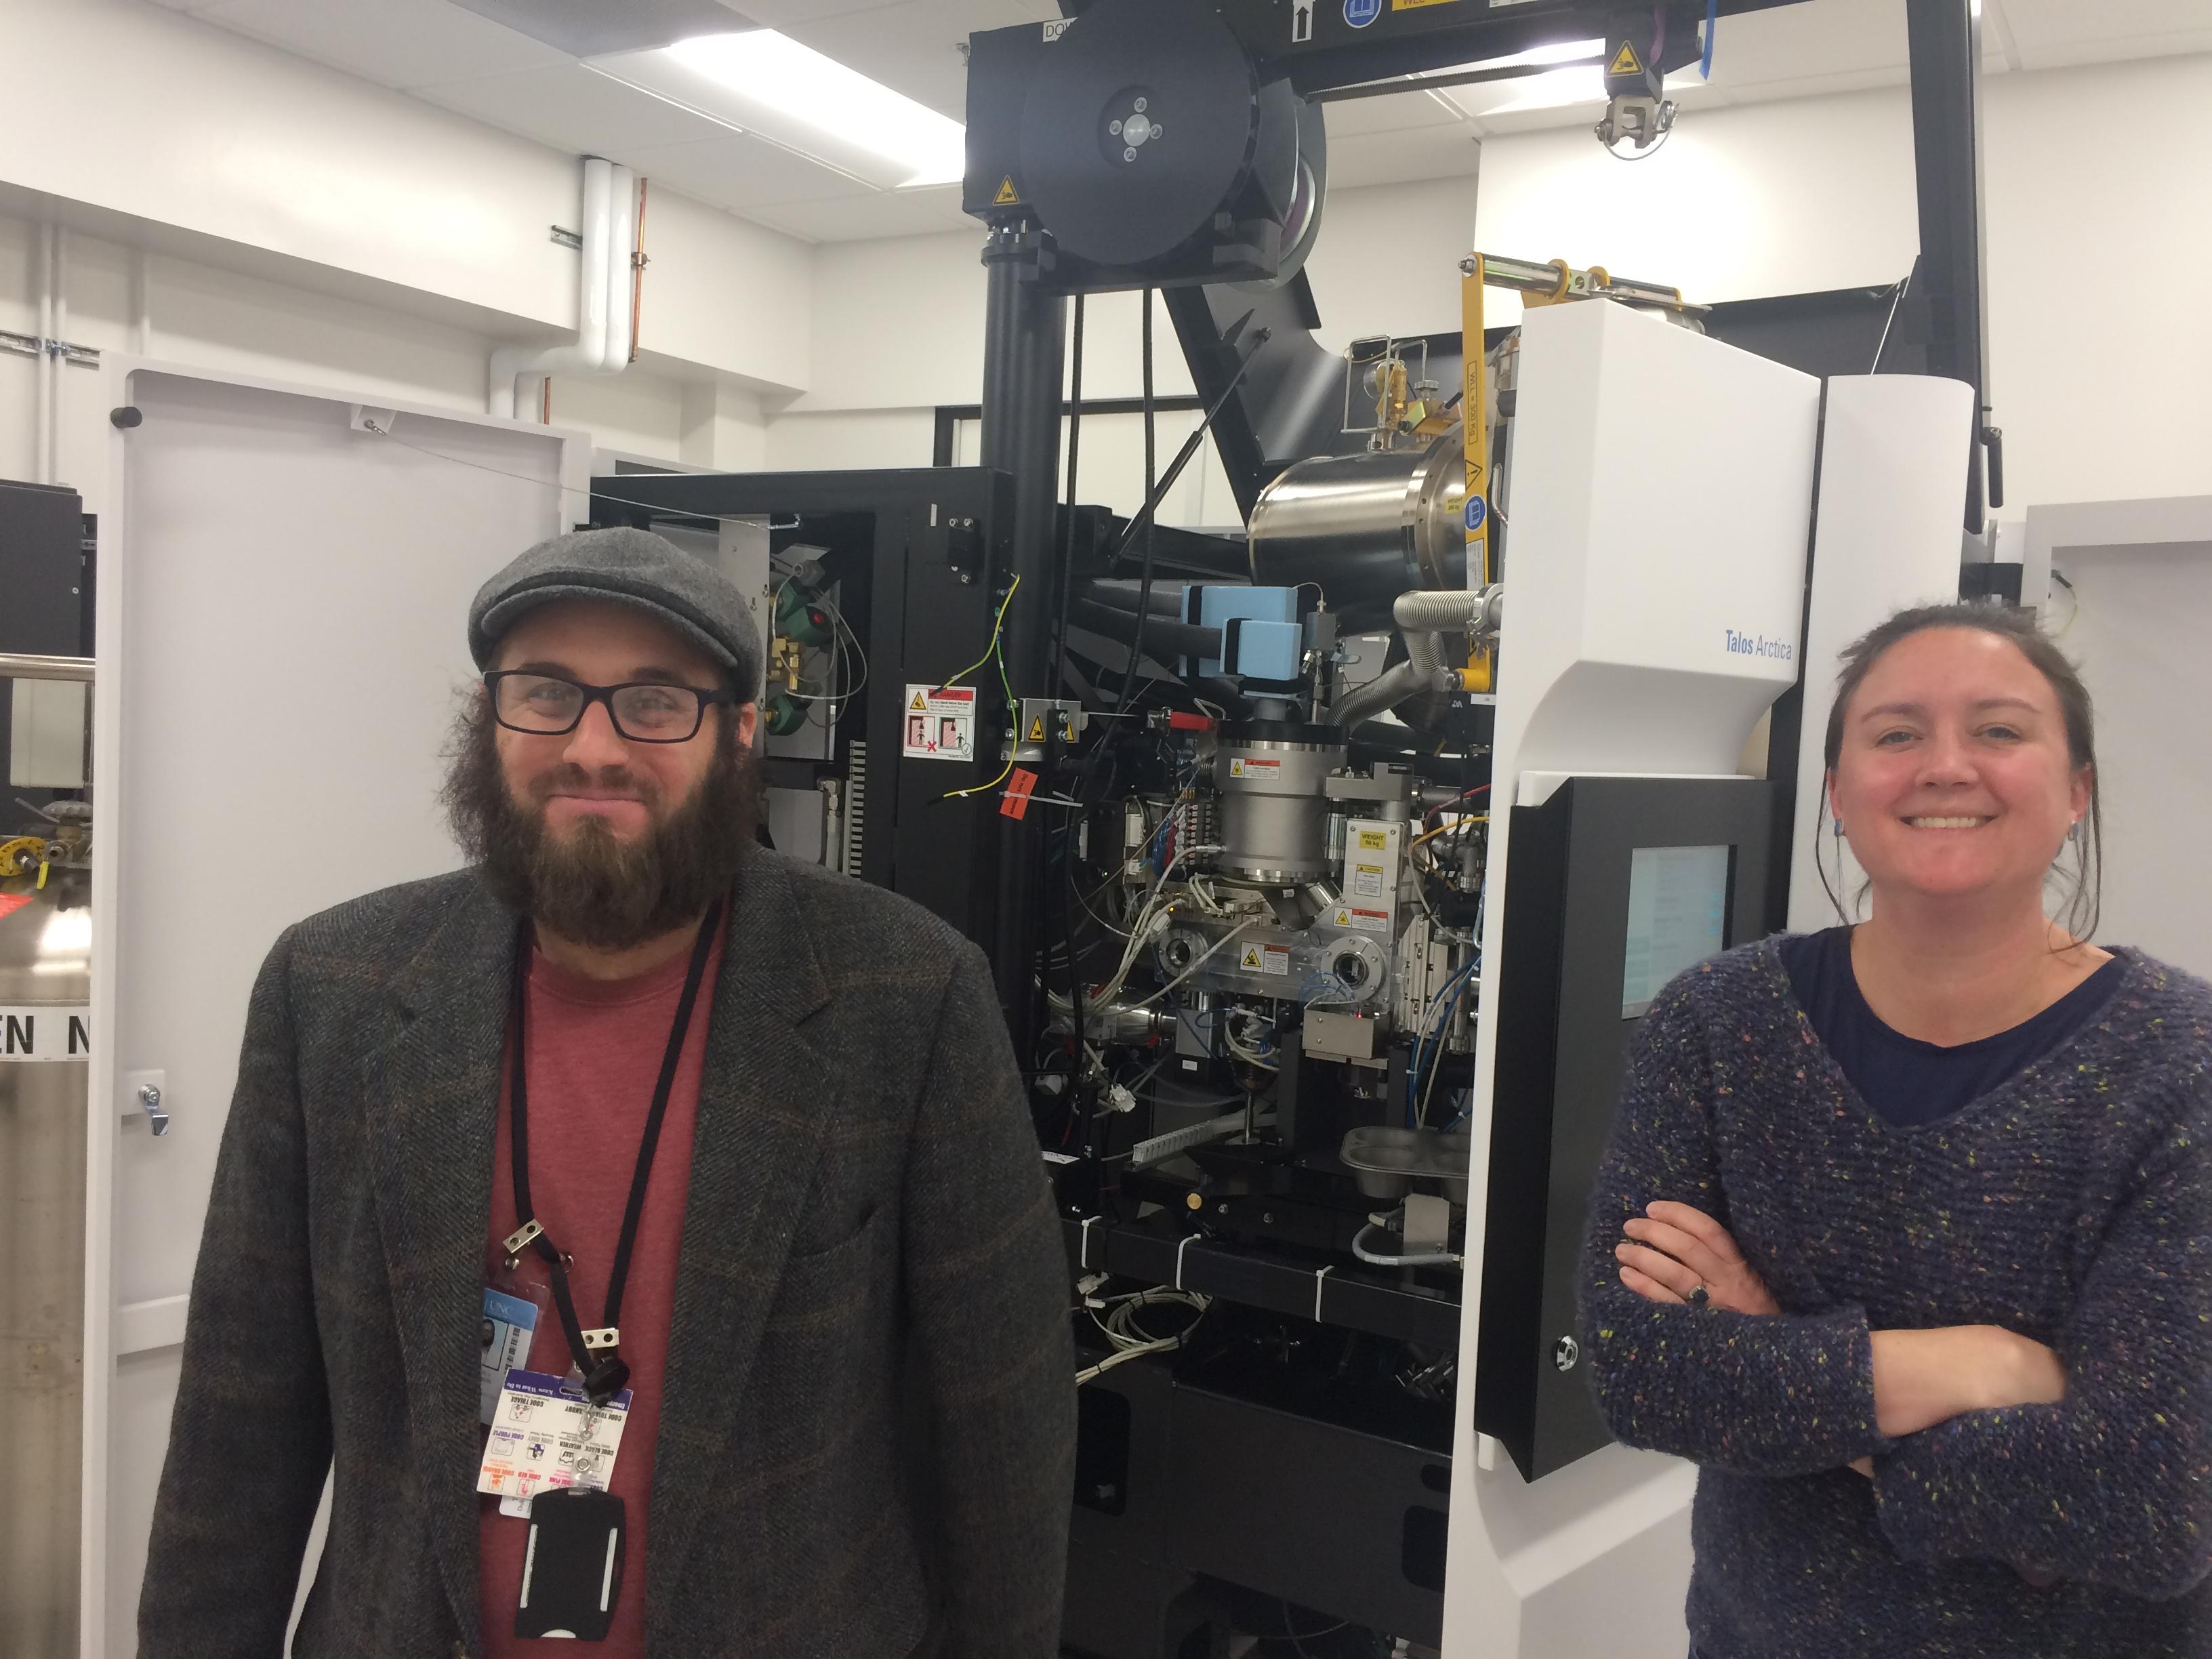 Joshua Strauss and Saskia Neher stand beside the Cryo-EM equipment